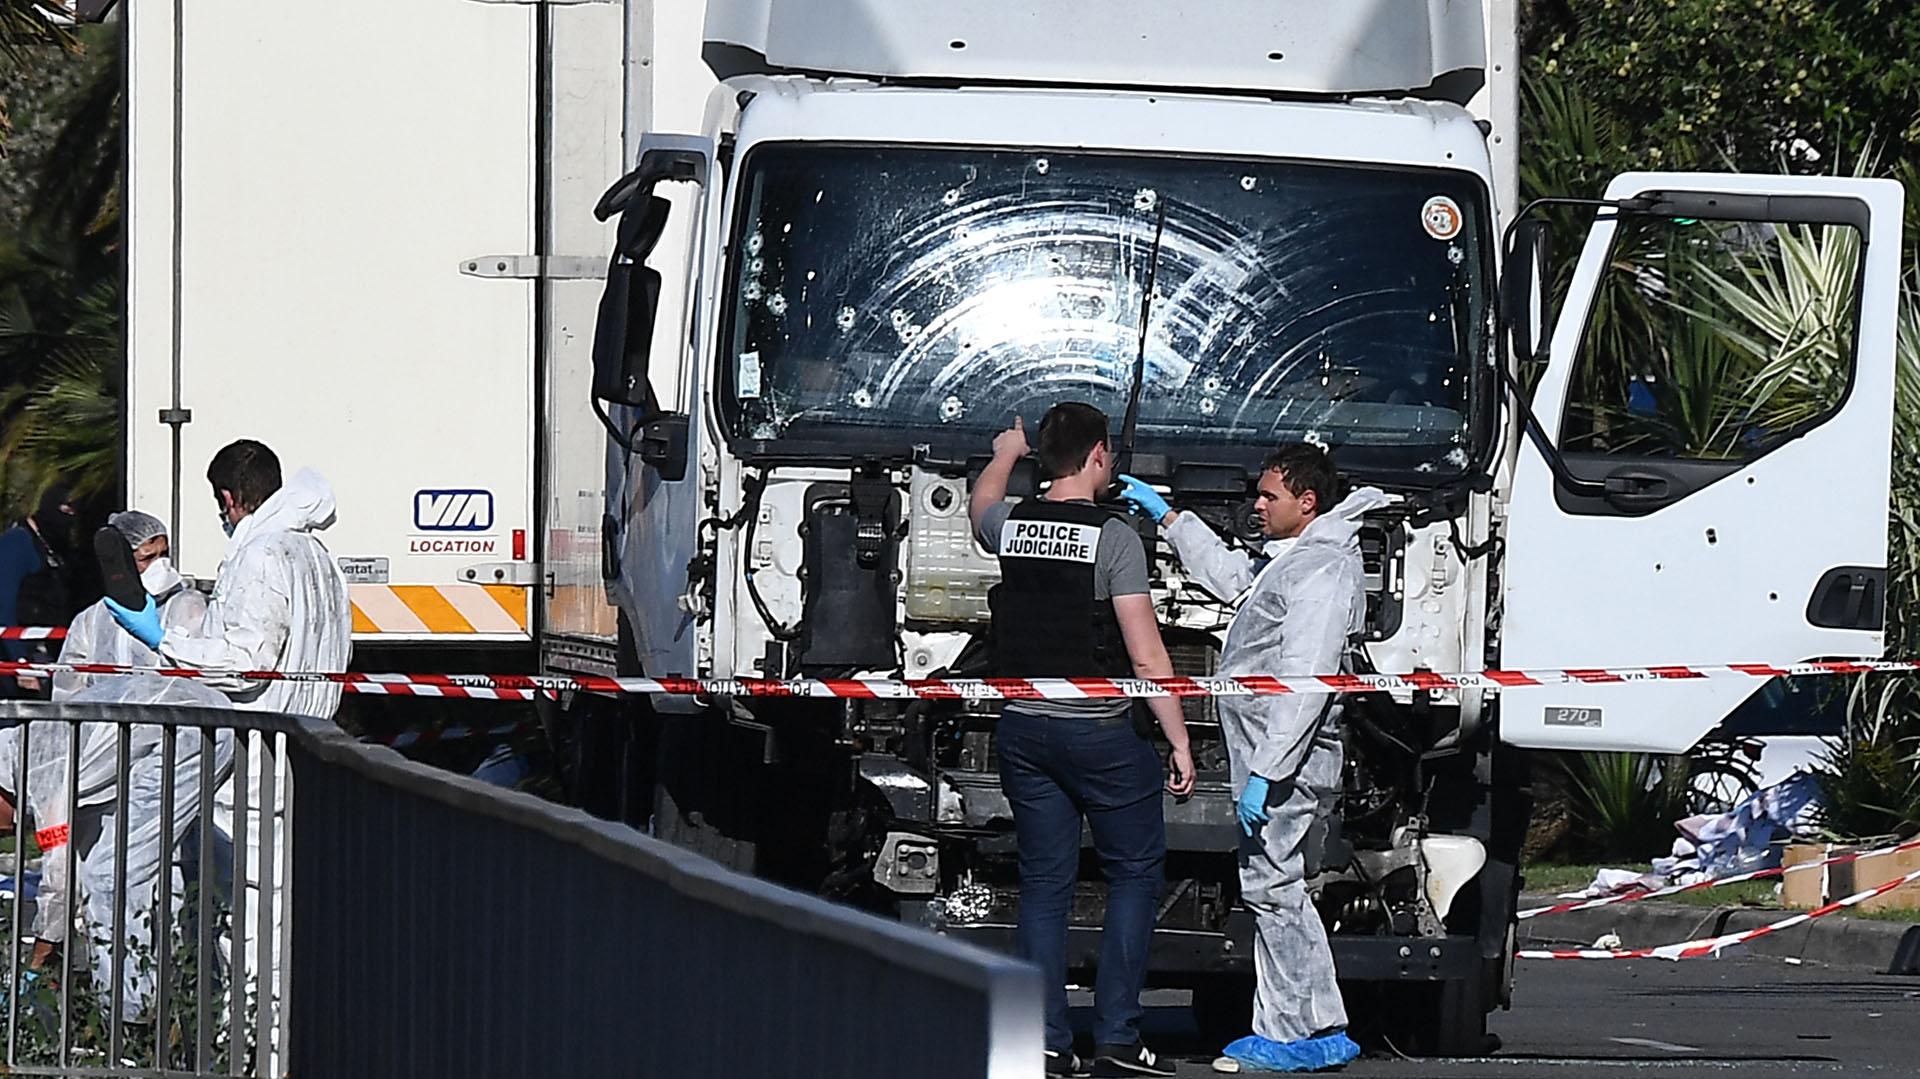 Así quedó el camión conducido por Bouhlel luego de ser baleado por la Policía francesa. (AFP)